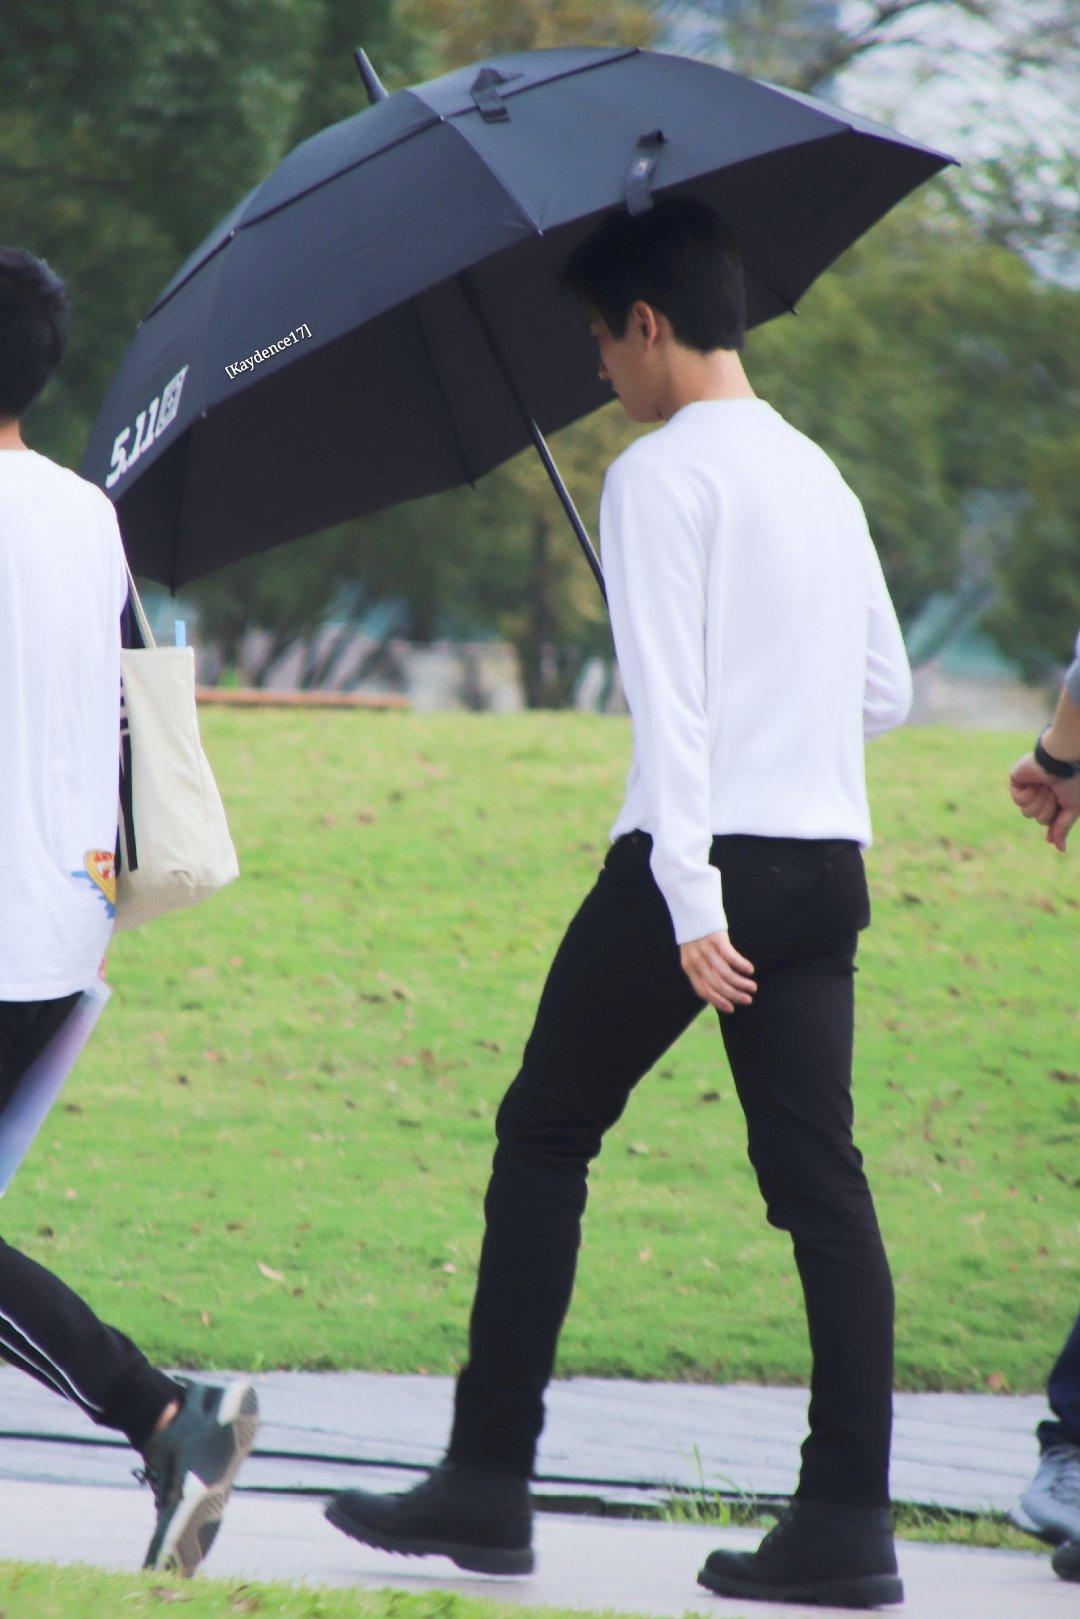 TFBOYS、肖戰、王一博、楊洋等男神都用過!雨傘界的頂流傘來啦-圖4